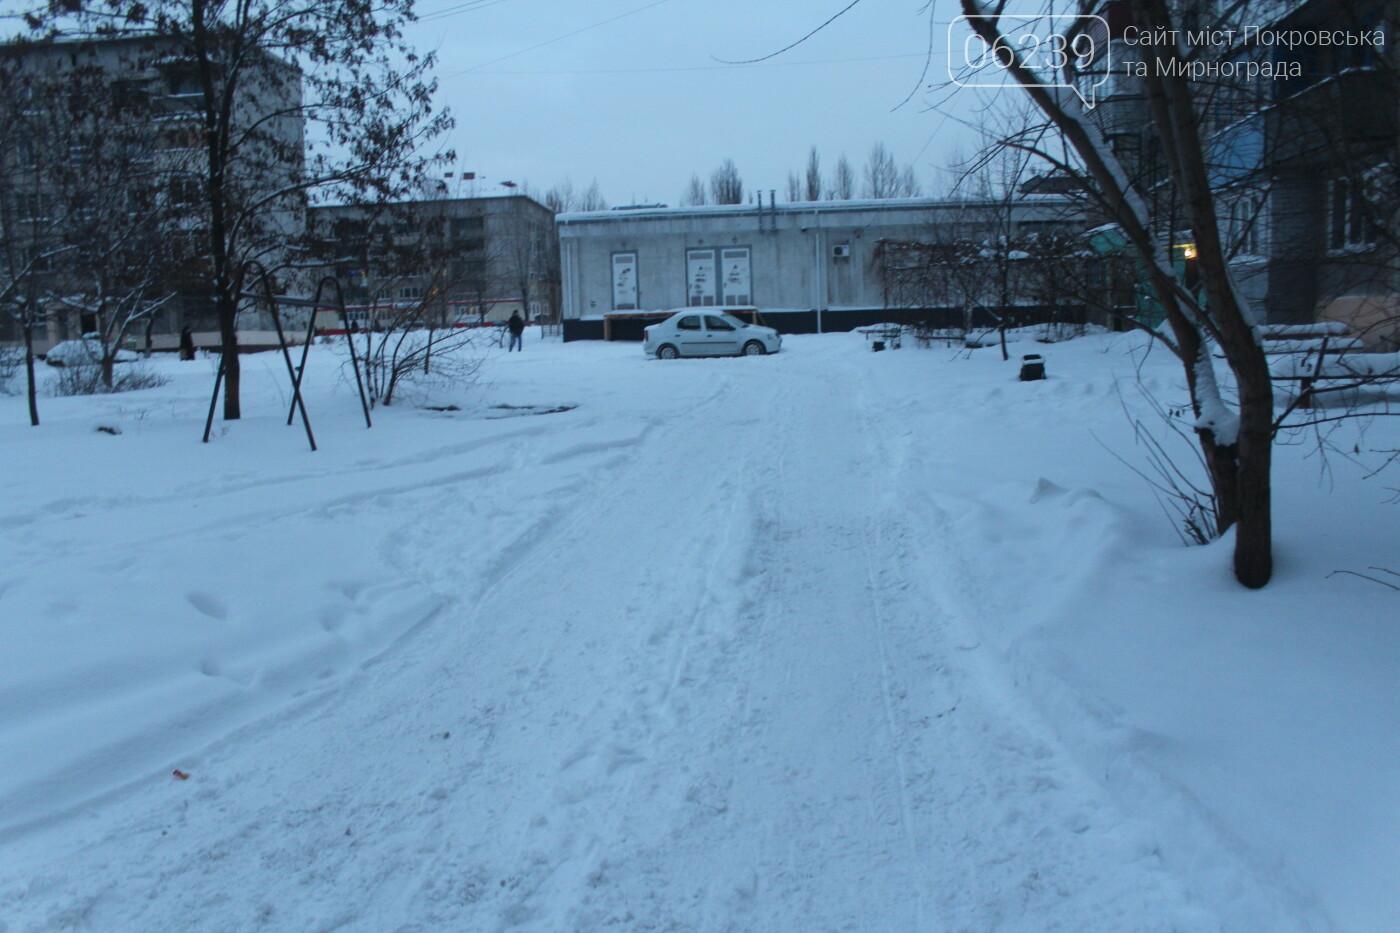 Ухудшение погодных условий: готов ли заснеженный Мирноград к непогоде? , фото-2